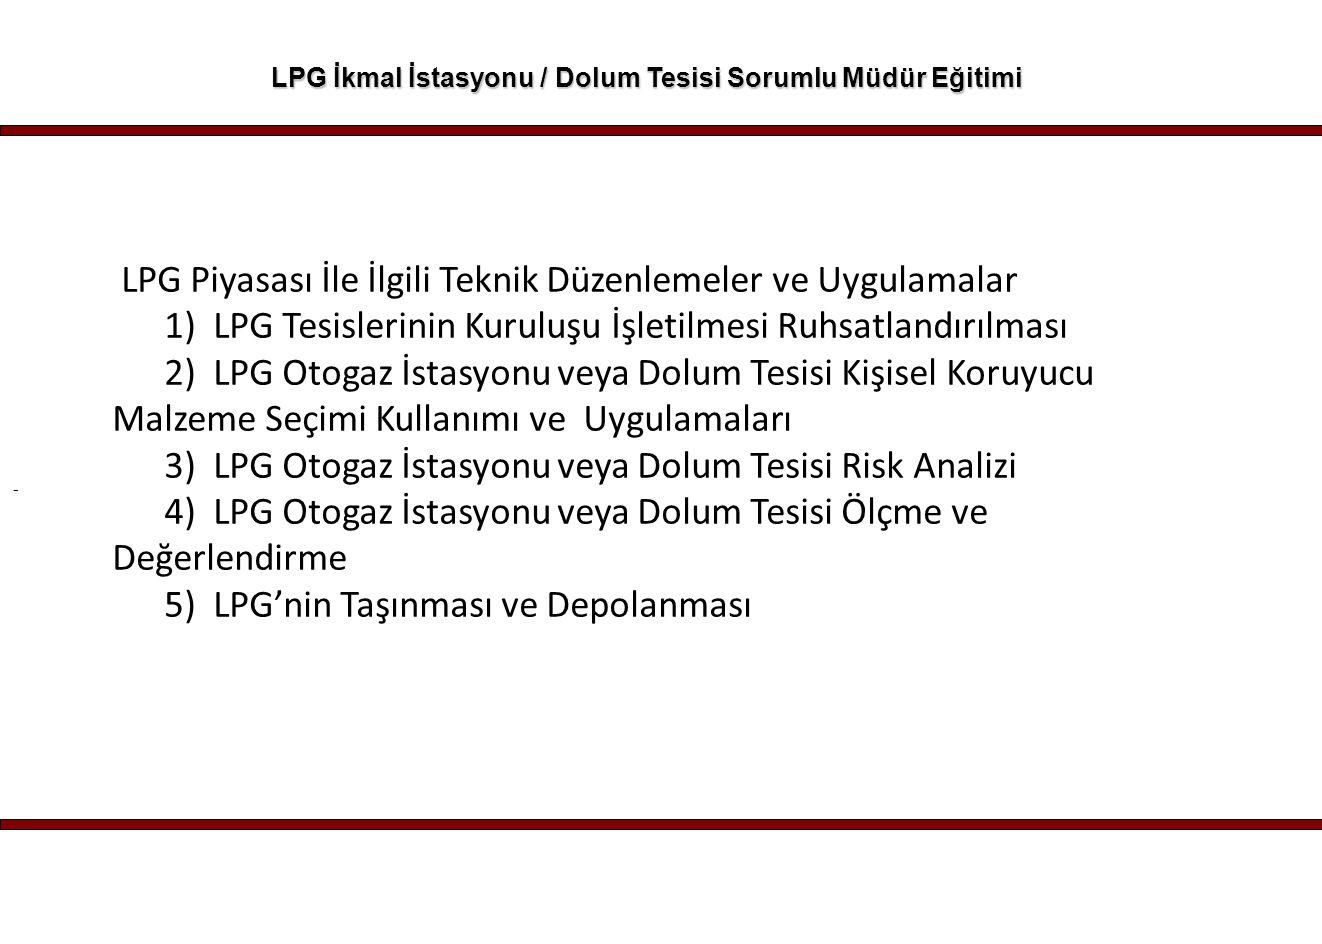 - LPG İkmal İstasyonu / Dolum Tesisi Sorumlu Müdür Eğitimi LPG Piyasası İle İlgili Teknik Düzenlemeler ve Uygulamalar 1) LPG Tesislerinin Kuruluşu İşl